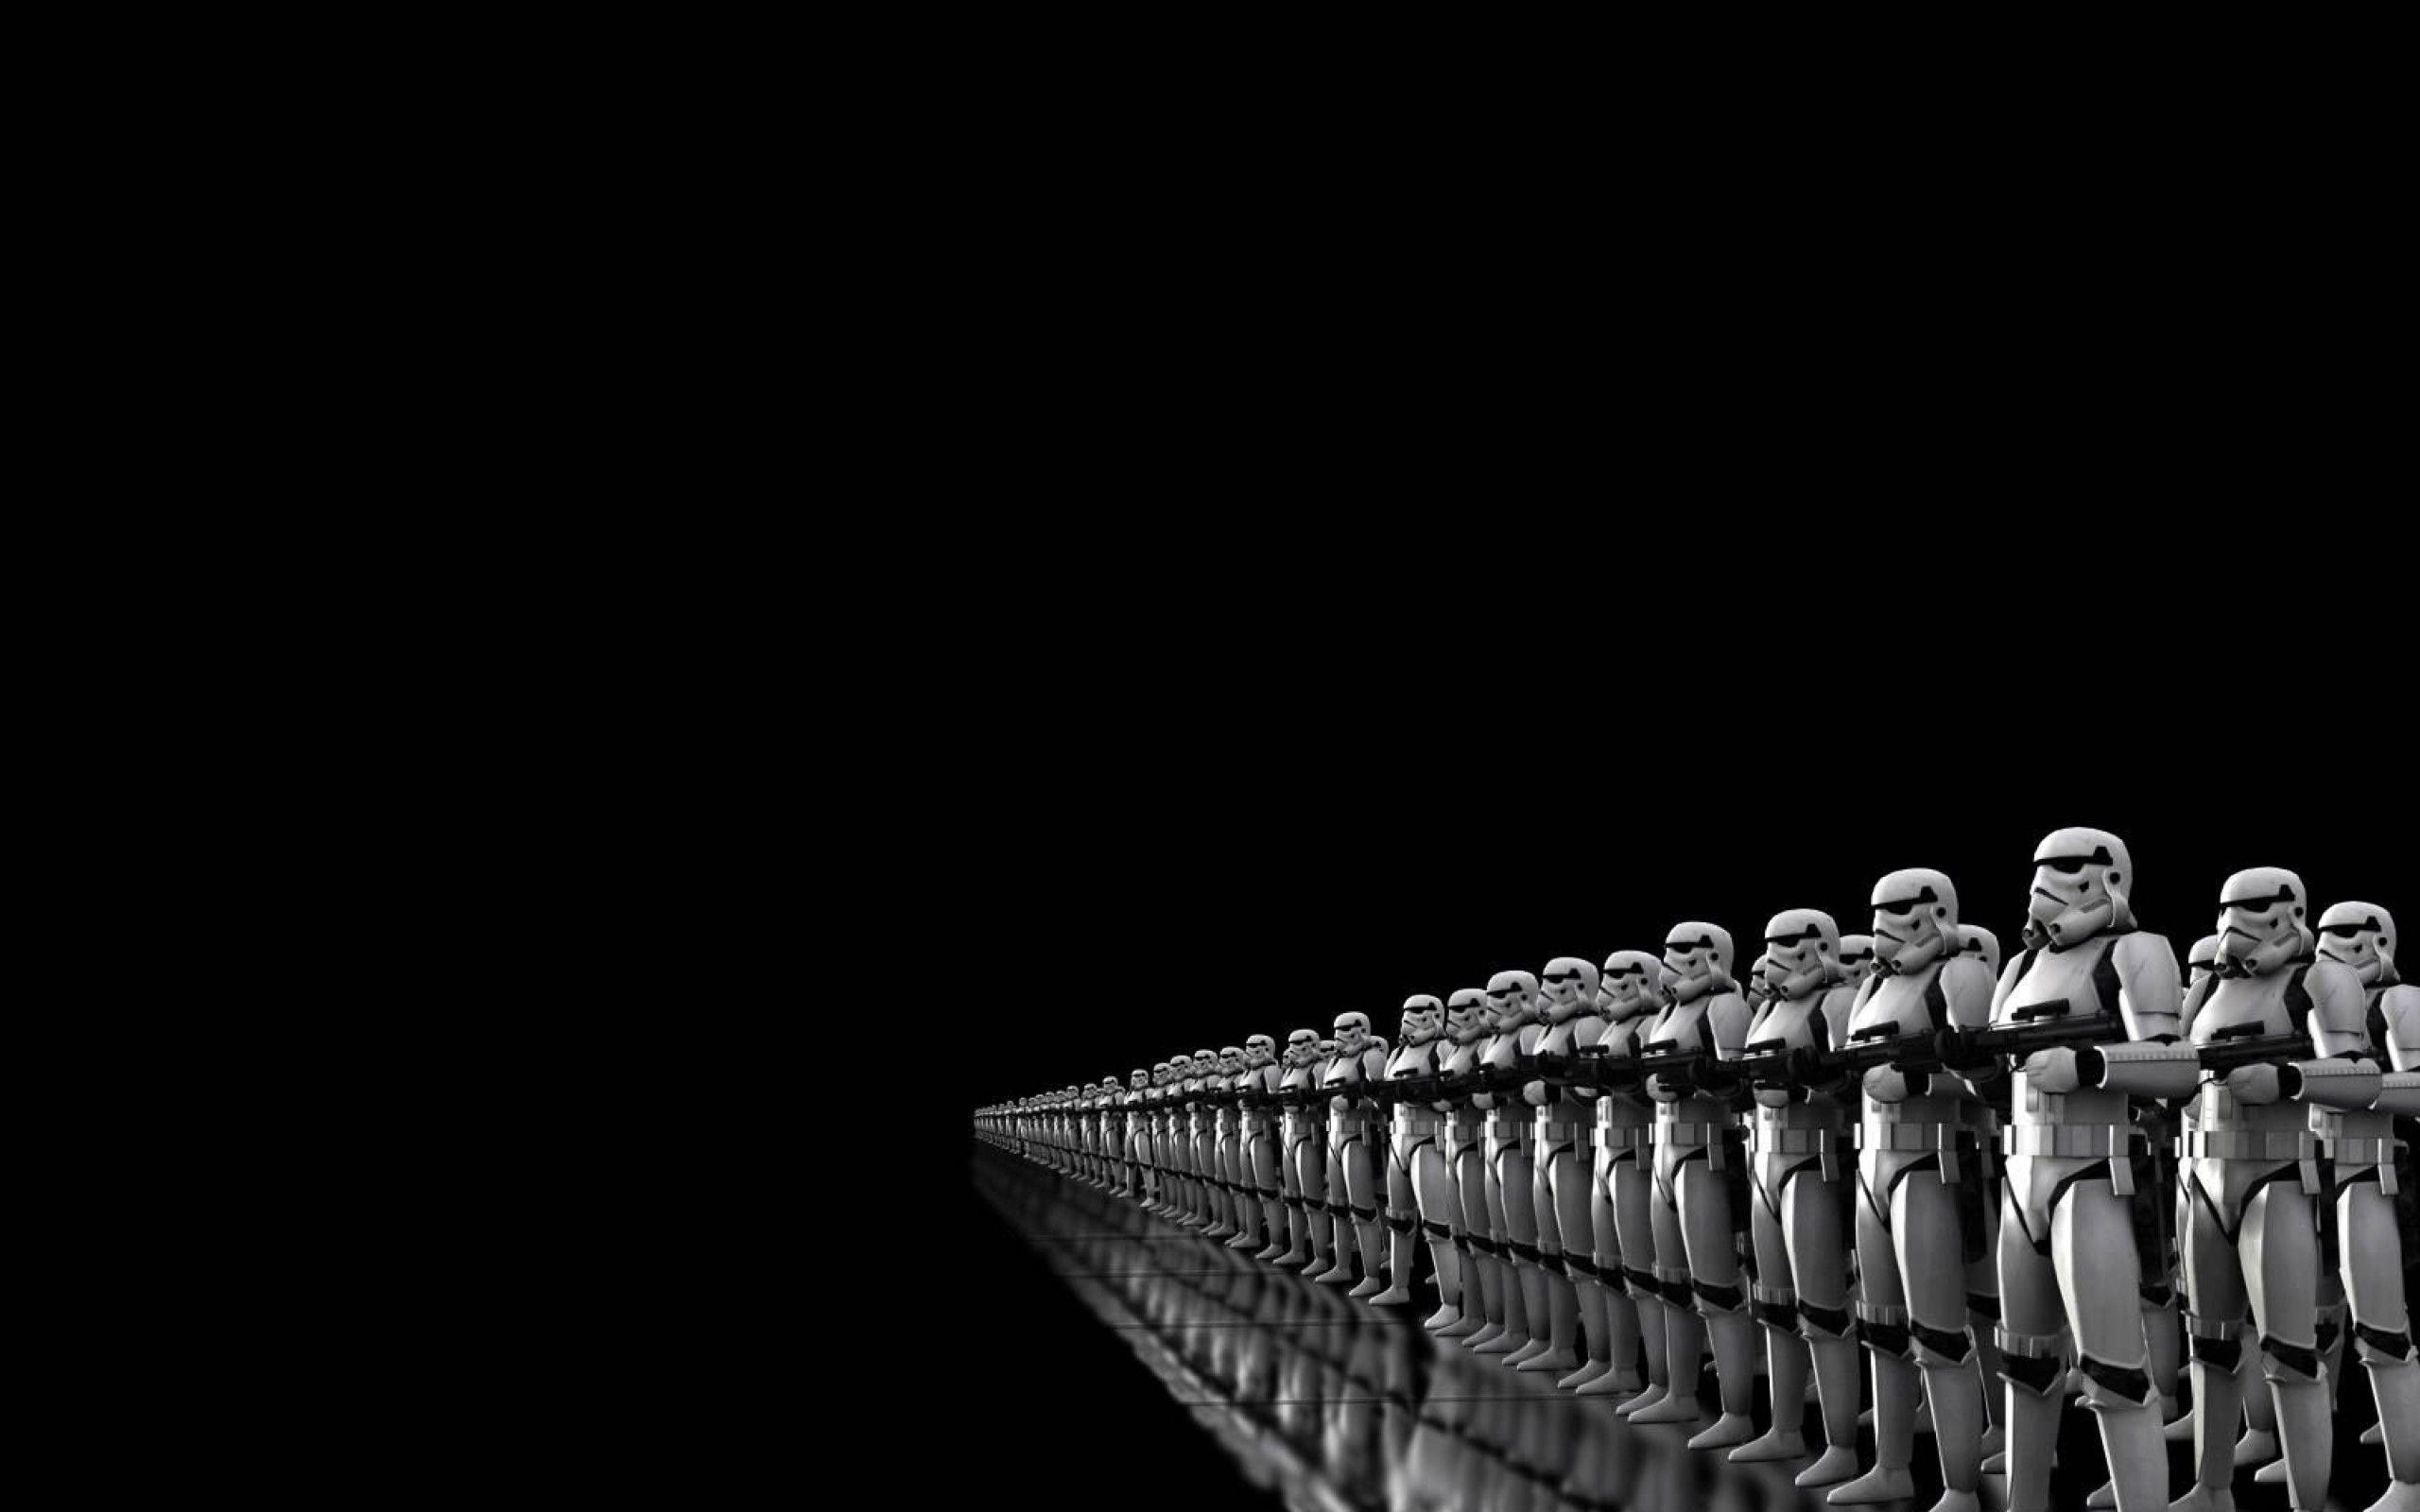 Star Wars Stormtrooper Stormtroopers Wallpaper